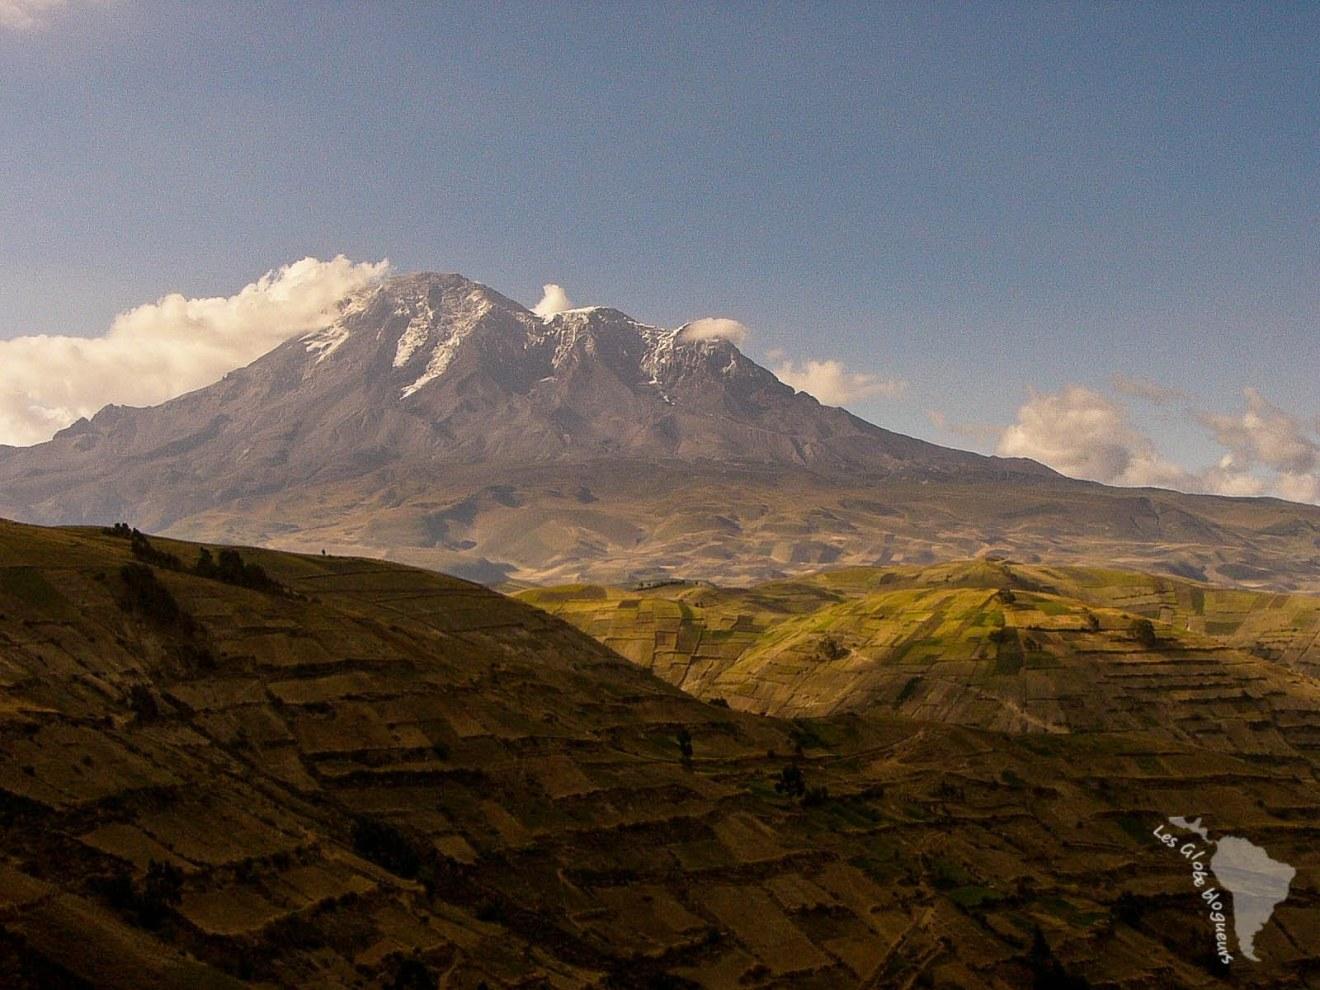 Vue sur le Chimborazo